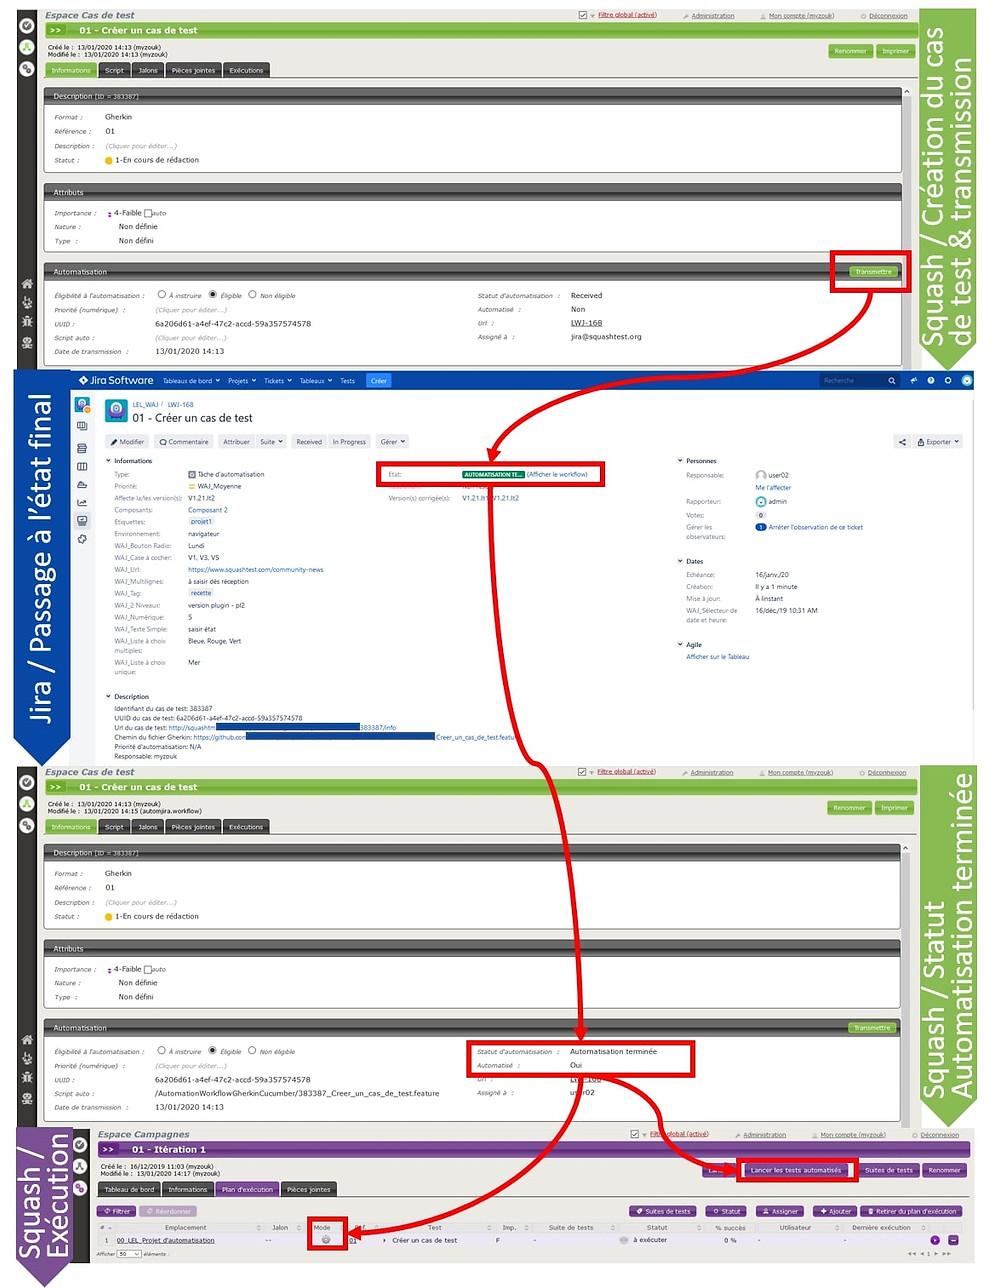 Le workflow d'automatisation des tests permet de transmettre un cas de test à automatiser depuis Squash vers Jira